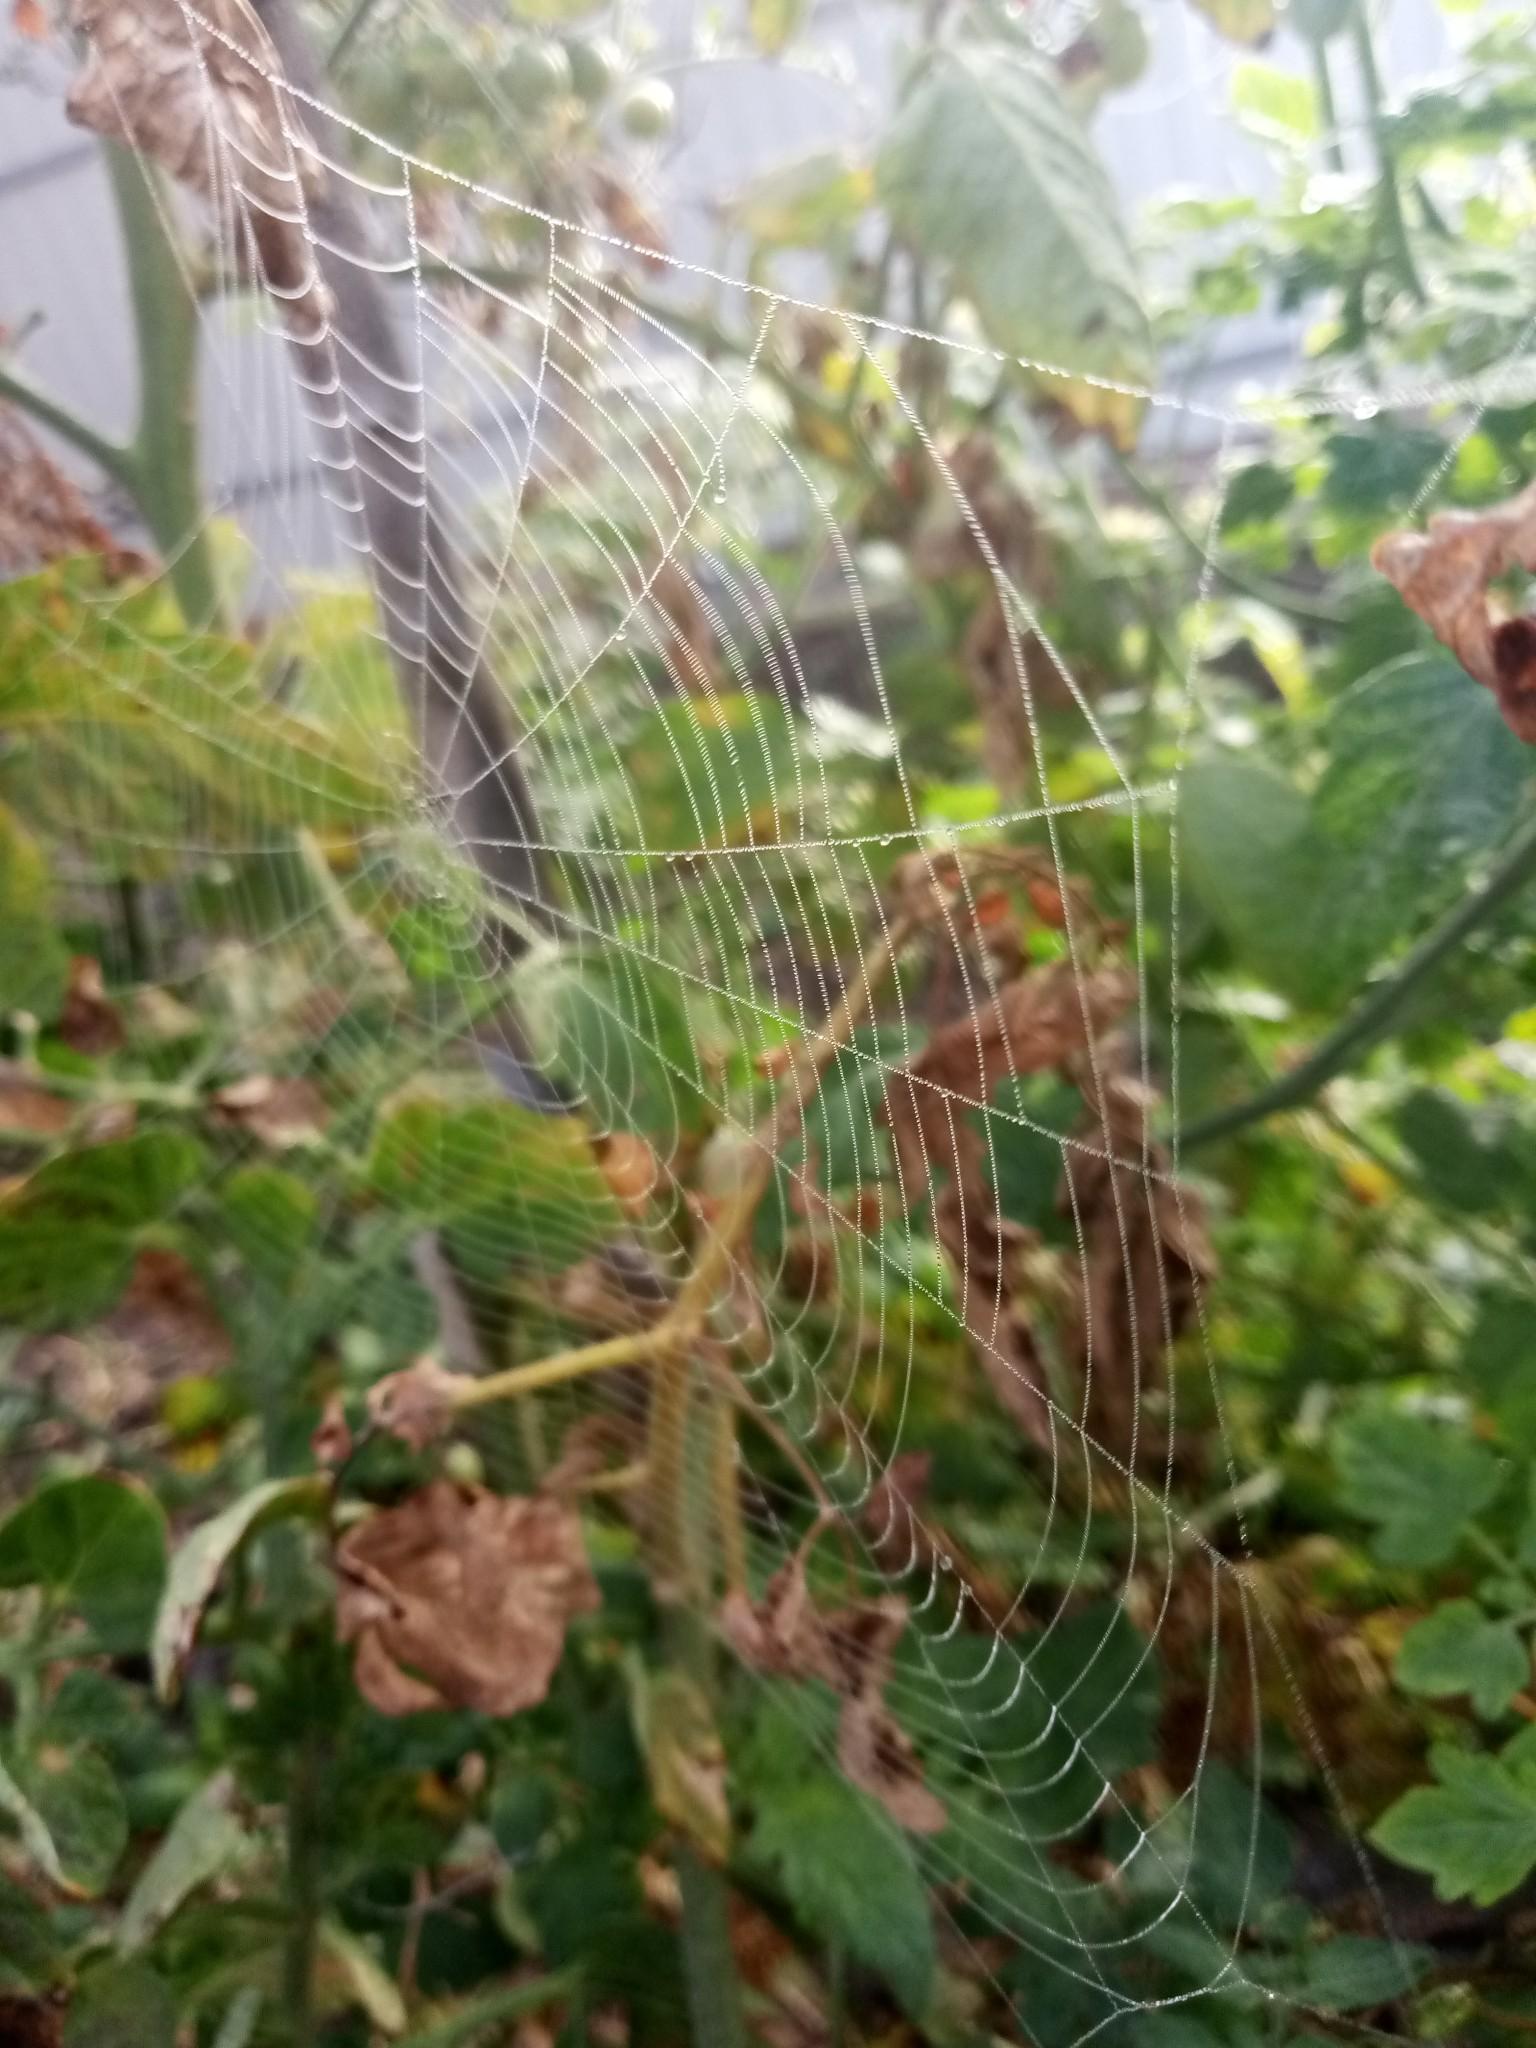 Spider web photo 8